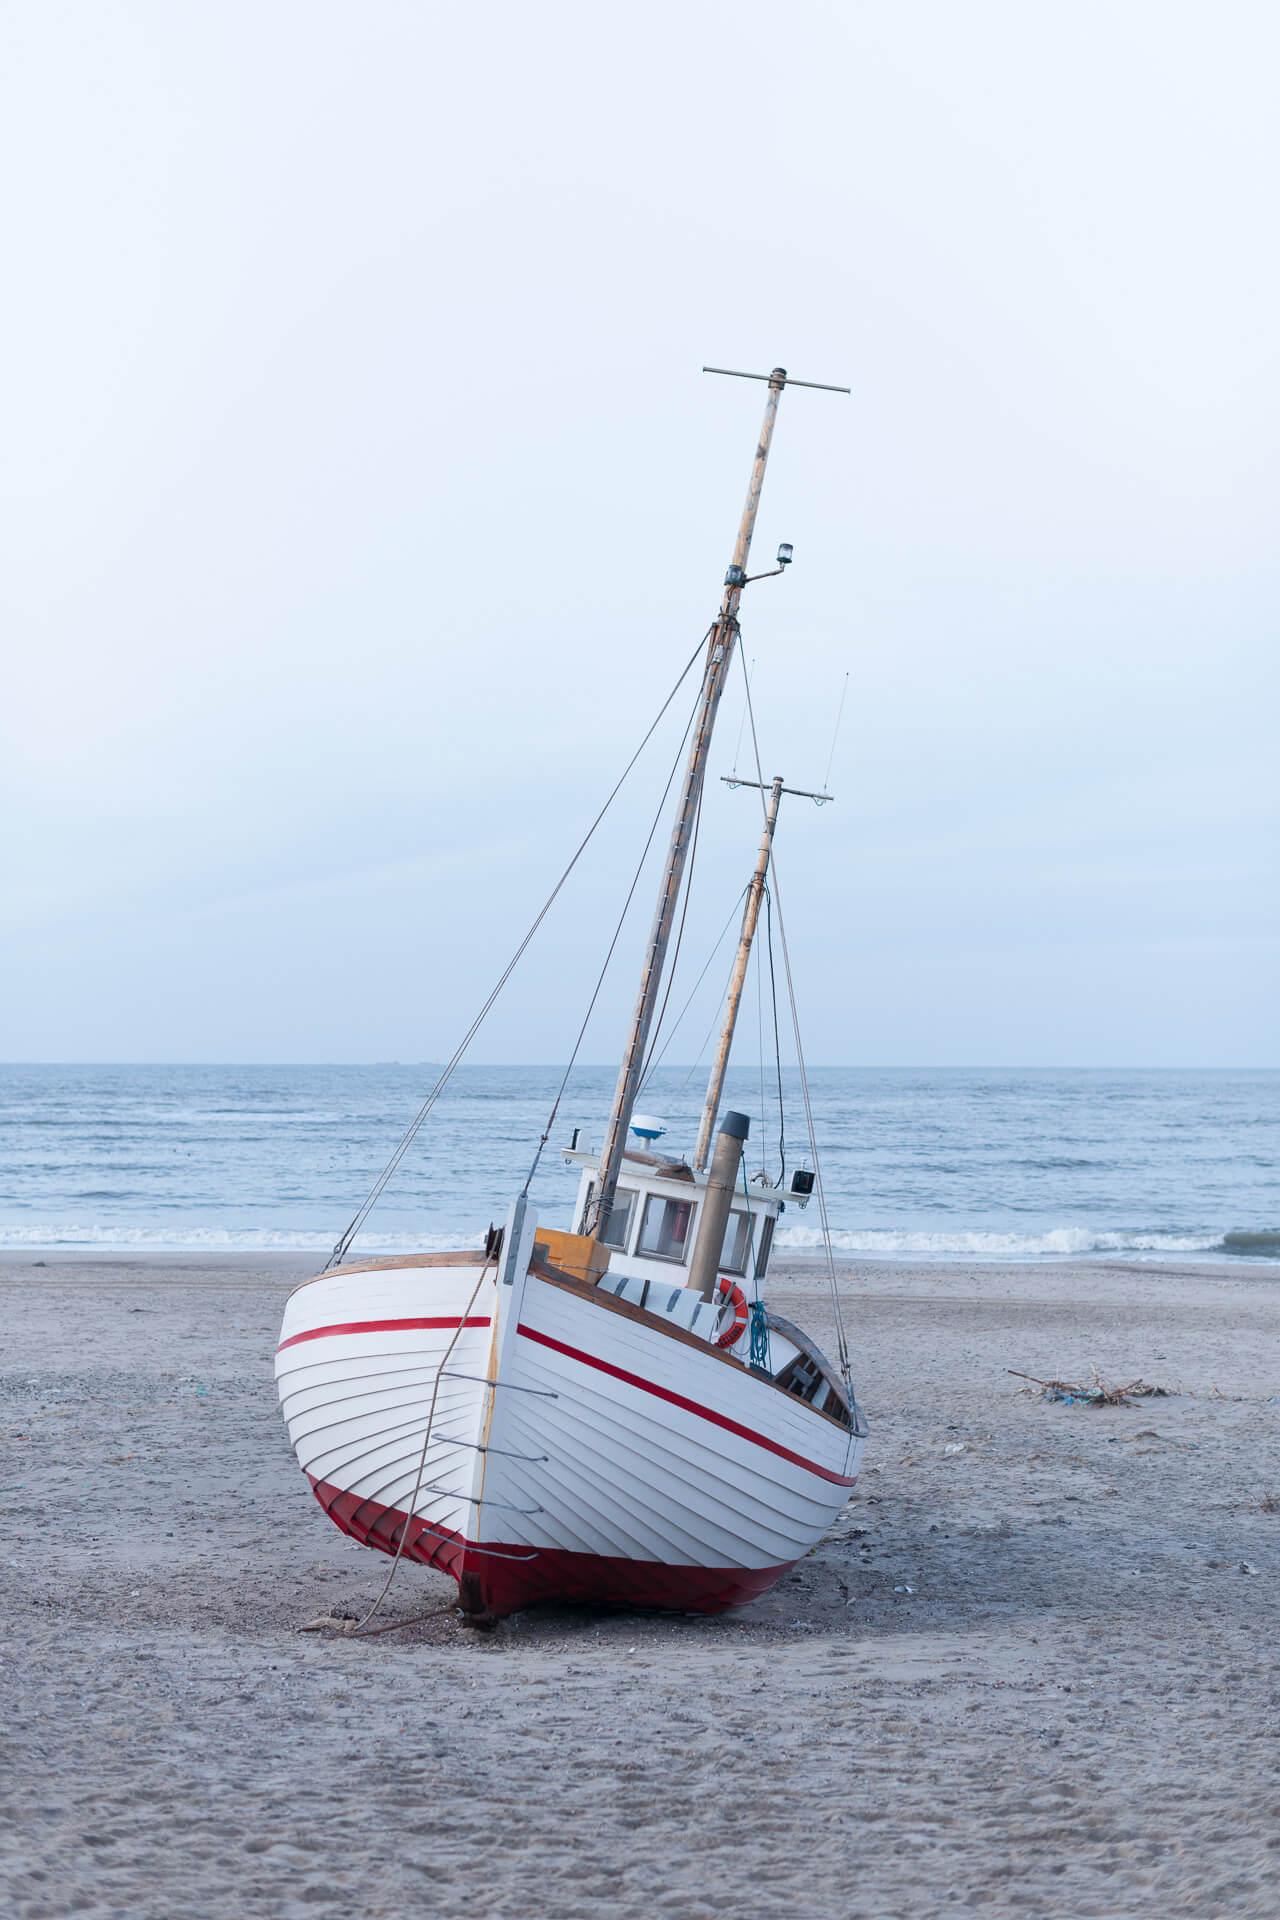 Foto von der Fotostory Redeleit und Junker Dänemark zeigt ein Fischerboot am Strand liegend